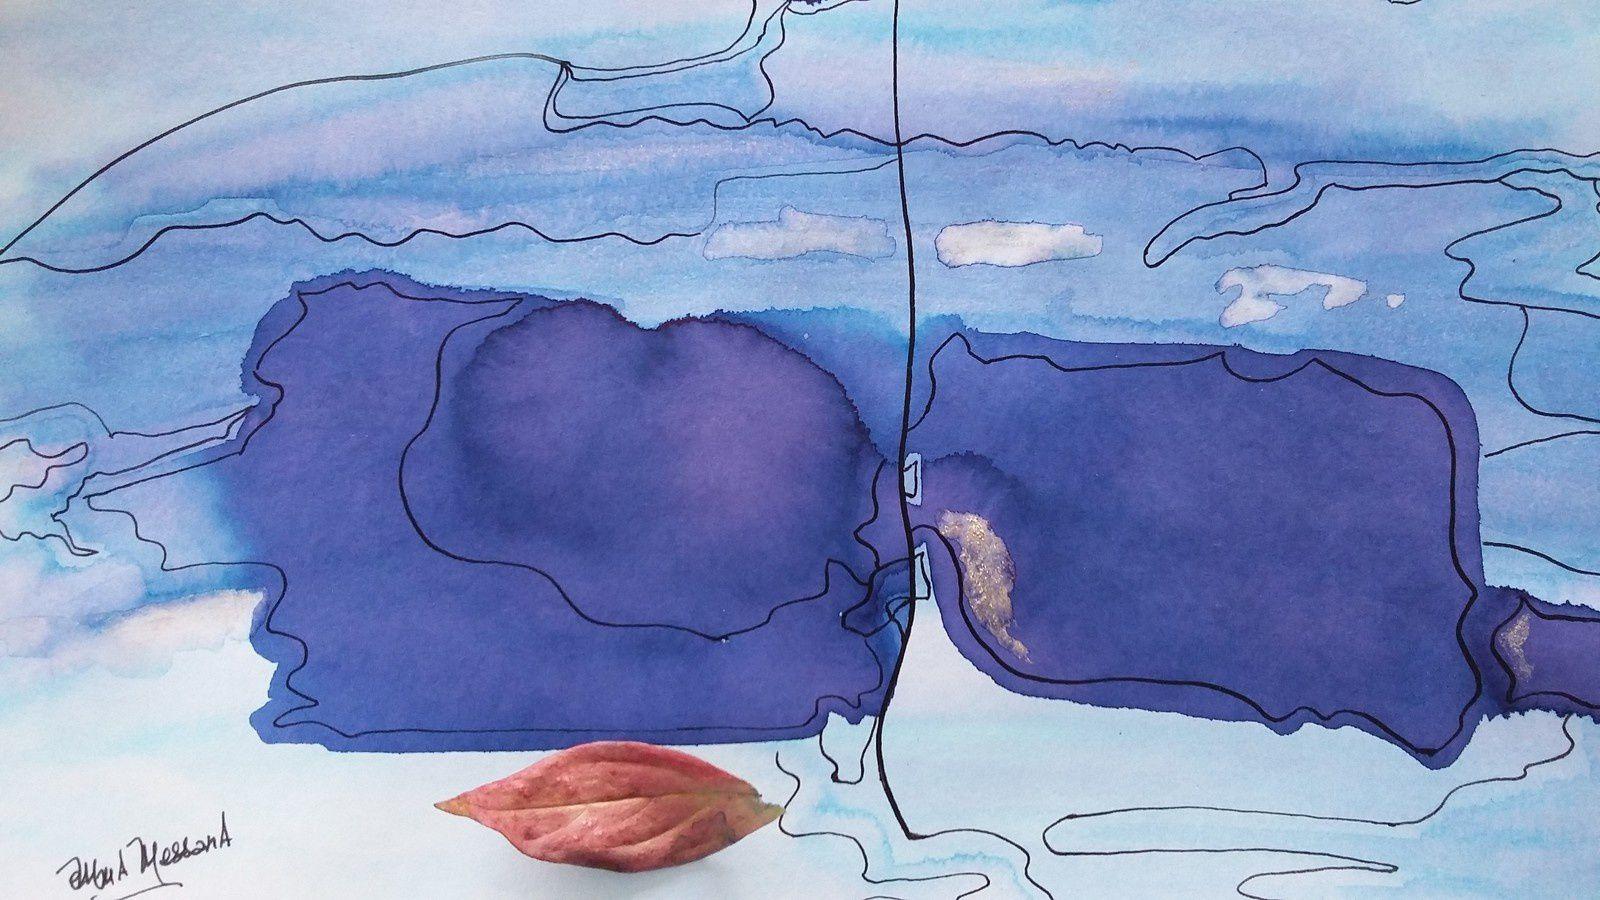 """Fragment d'une encre N°324 """"Cartographie azurée"""" © eMmA MessanA"""